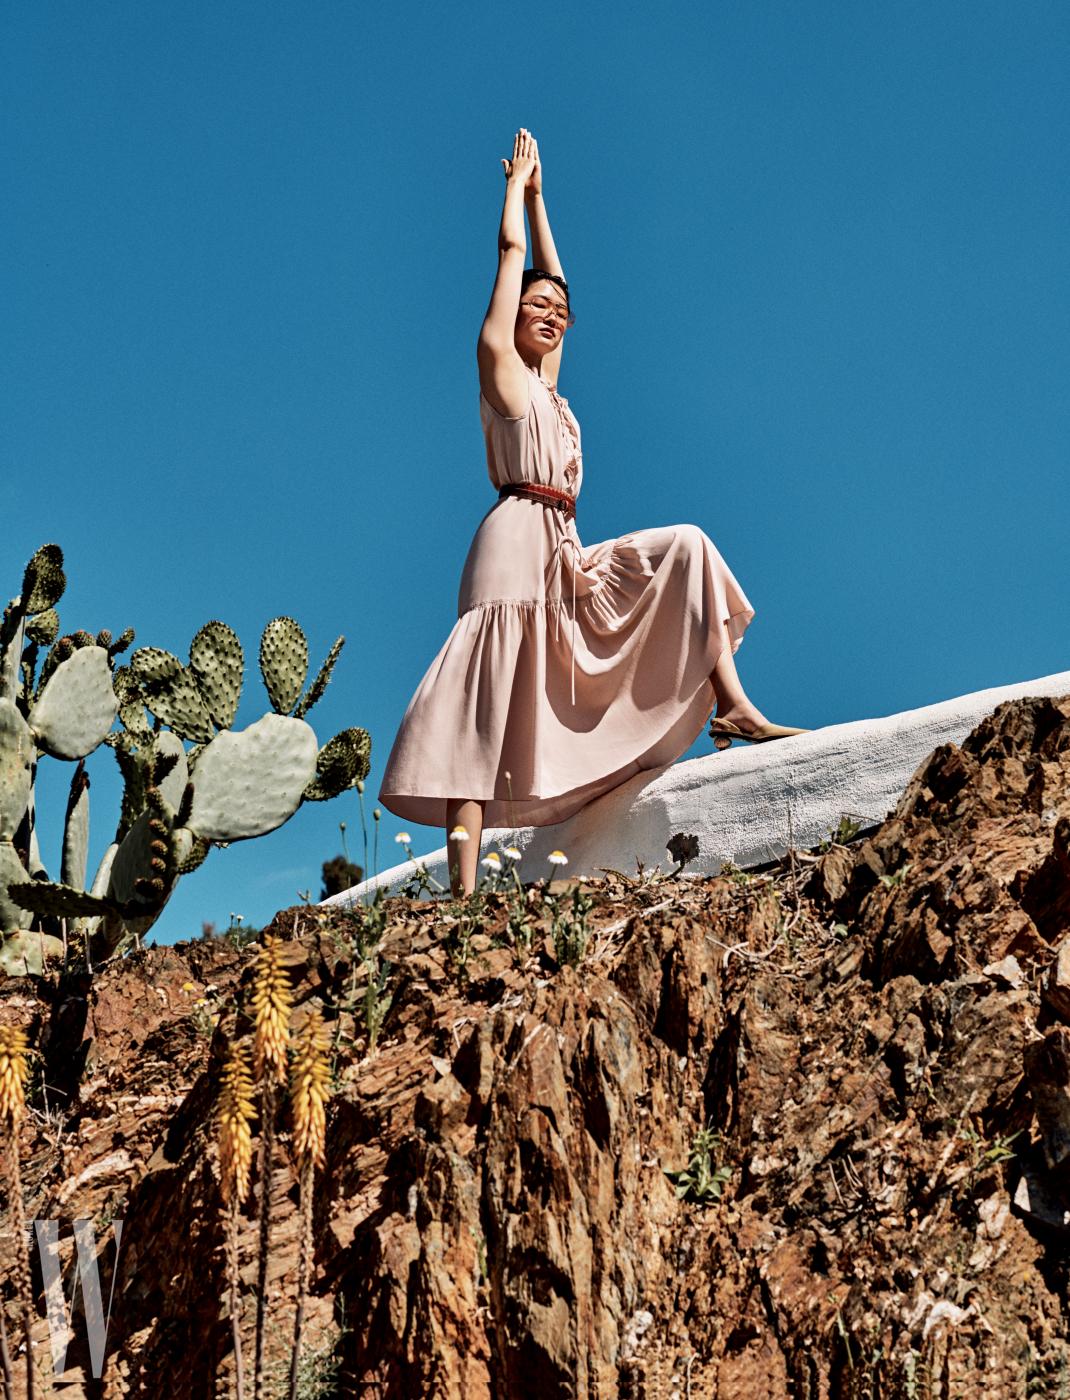 셔링 드레스와 벨트는 Bottega Veneta, 조약돌 모양 힐 샌들은 Loewe, 선글라스는 Celine 제품.